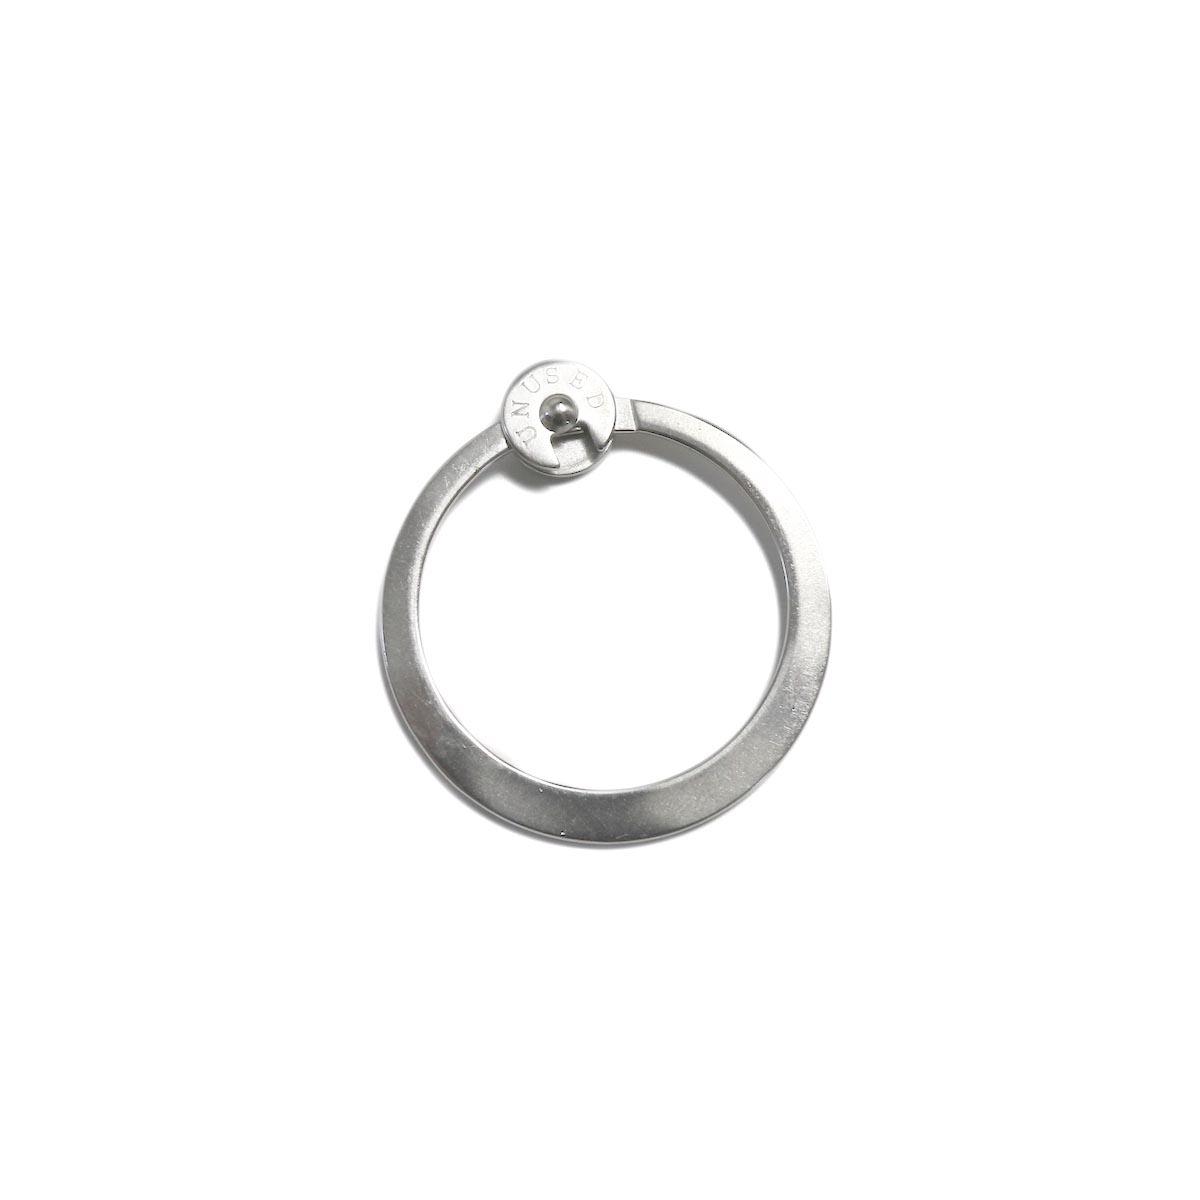 UNUSED / UH0482 Key Ring